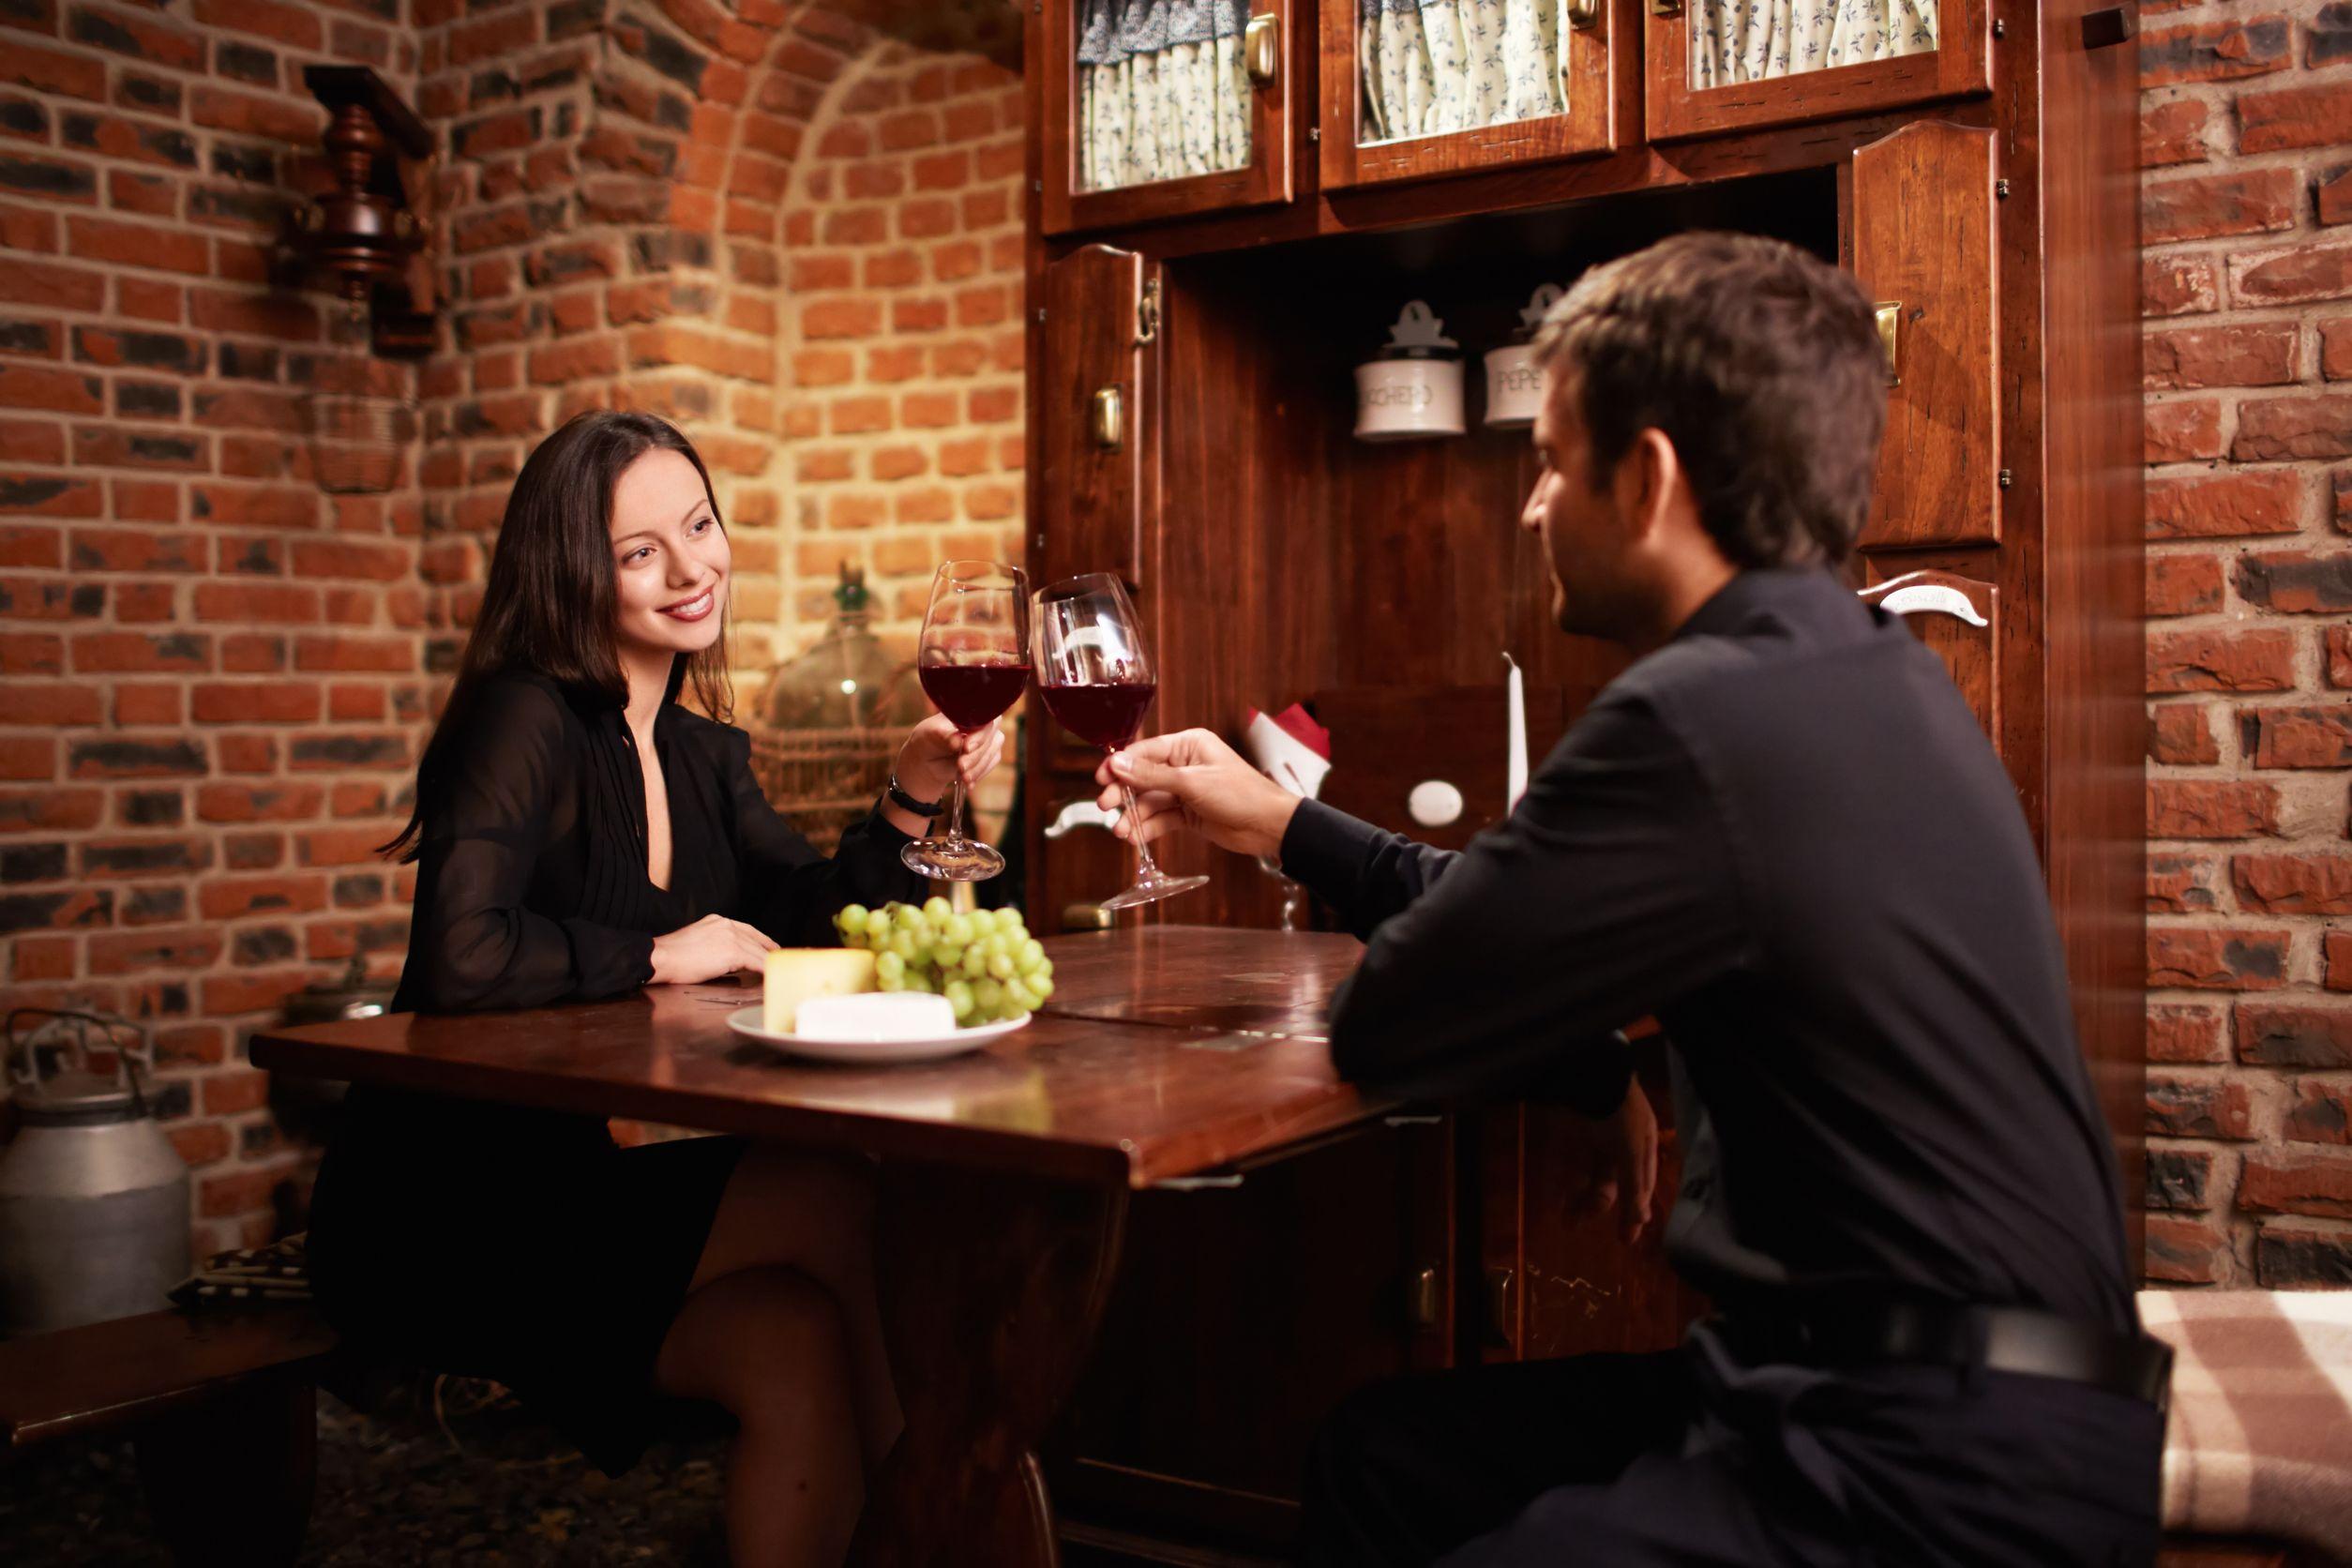 Couple in restaurant Lekcije iz bontona: Ponašanje u restoranu